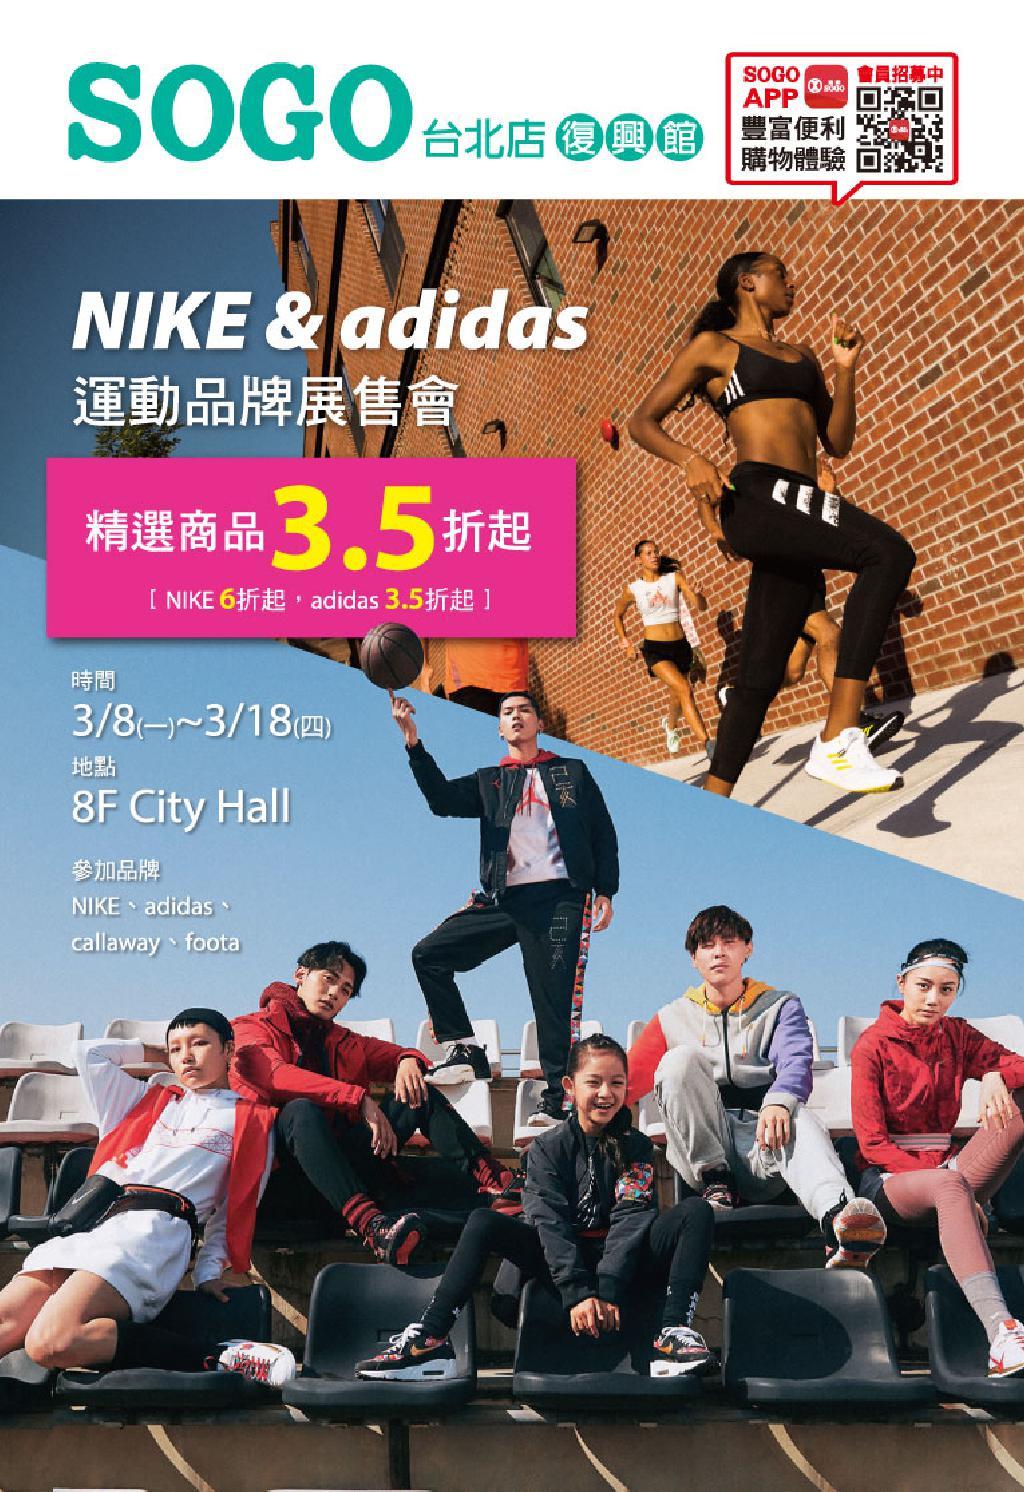 SOGO《台北復興館》「NIKE & adidas 運動用品展售會 精選商品3.5折起」【2021/3/18 止】